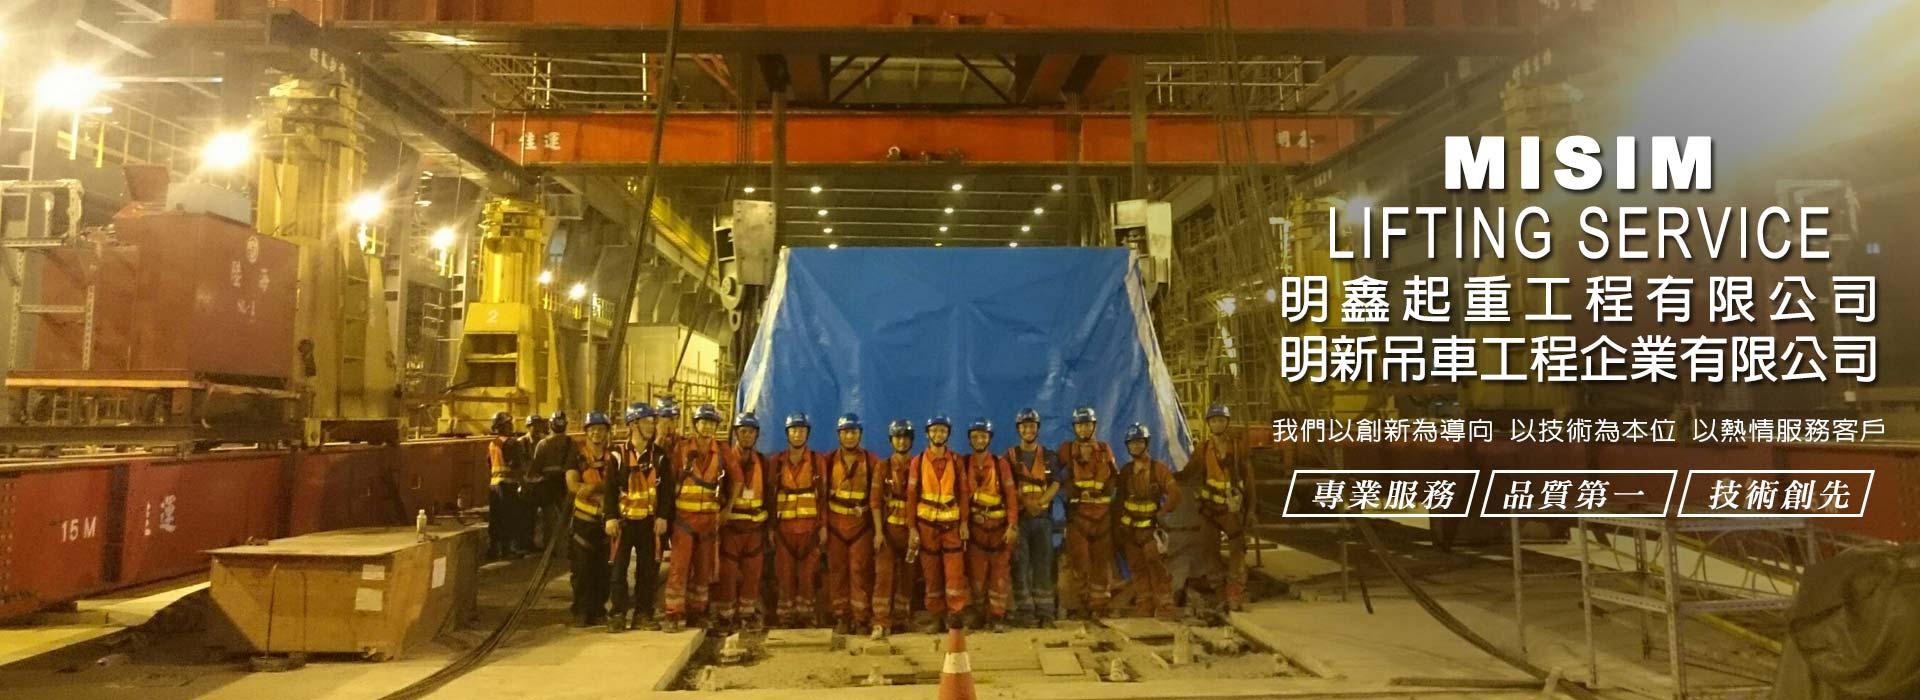 明鑫起重工程有限公司.明新吊車工程企業有限公司